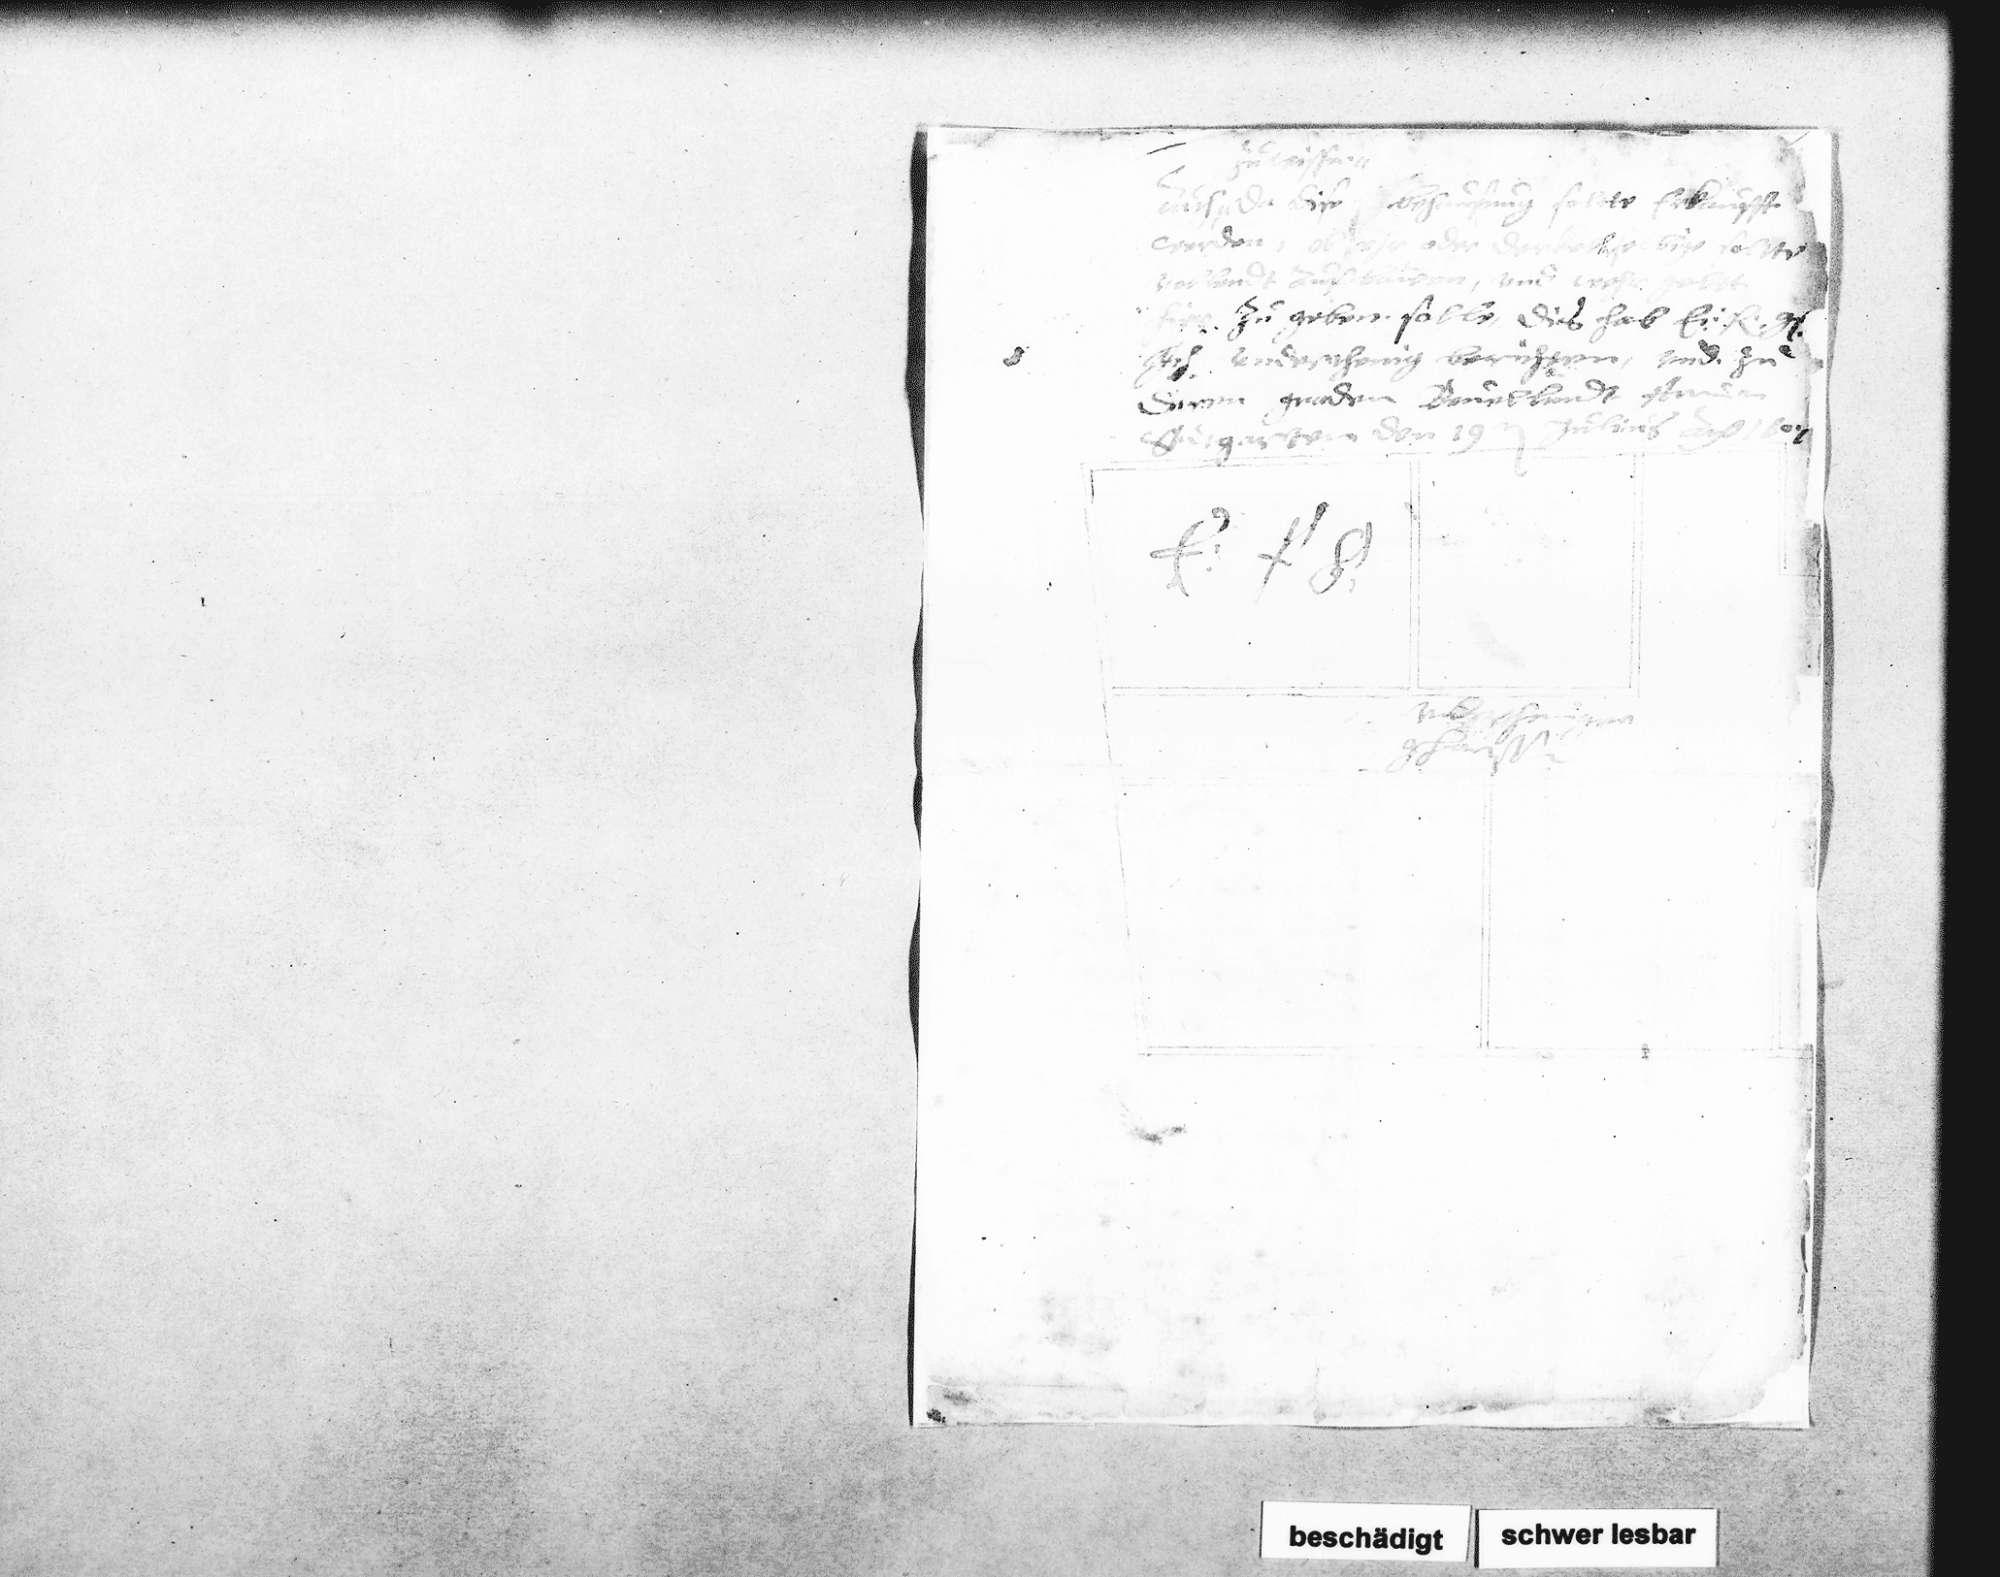 Gutachten Schickhardts über ein für 300 fl. von Jacob Plechlin aus Diezersweiler gekauftes Haus und dessen Eignung als Fruchtscheuer, Bild 2